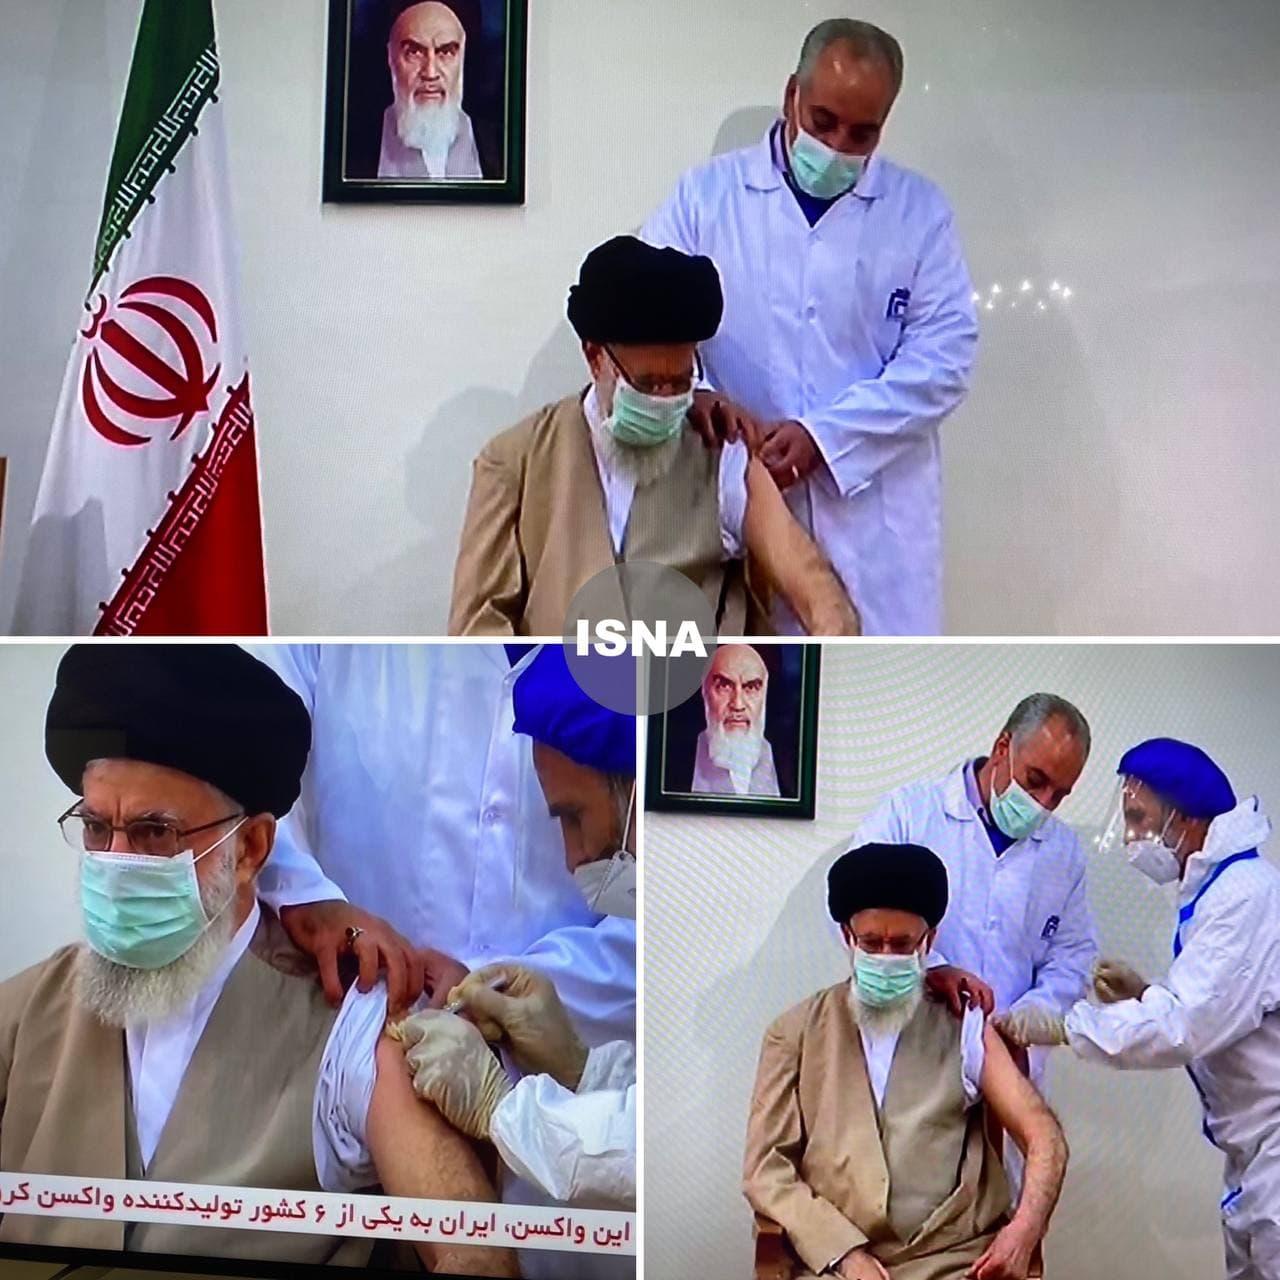 مقام معظم رهبری واکسن ایرانی زد (+عکس)